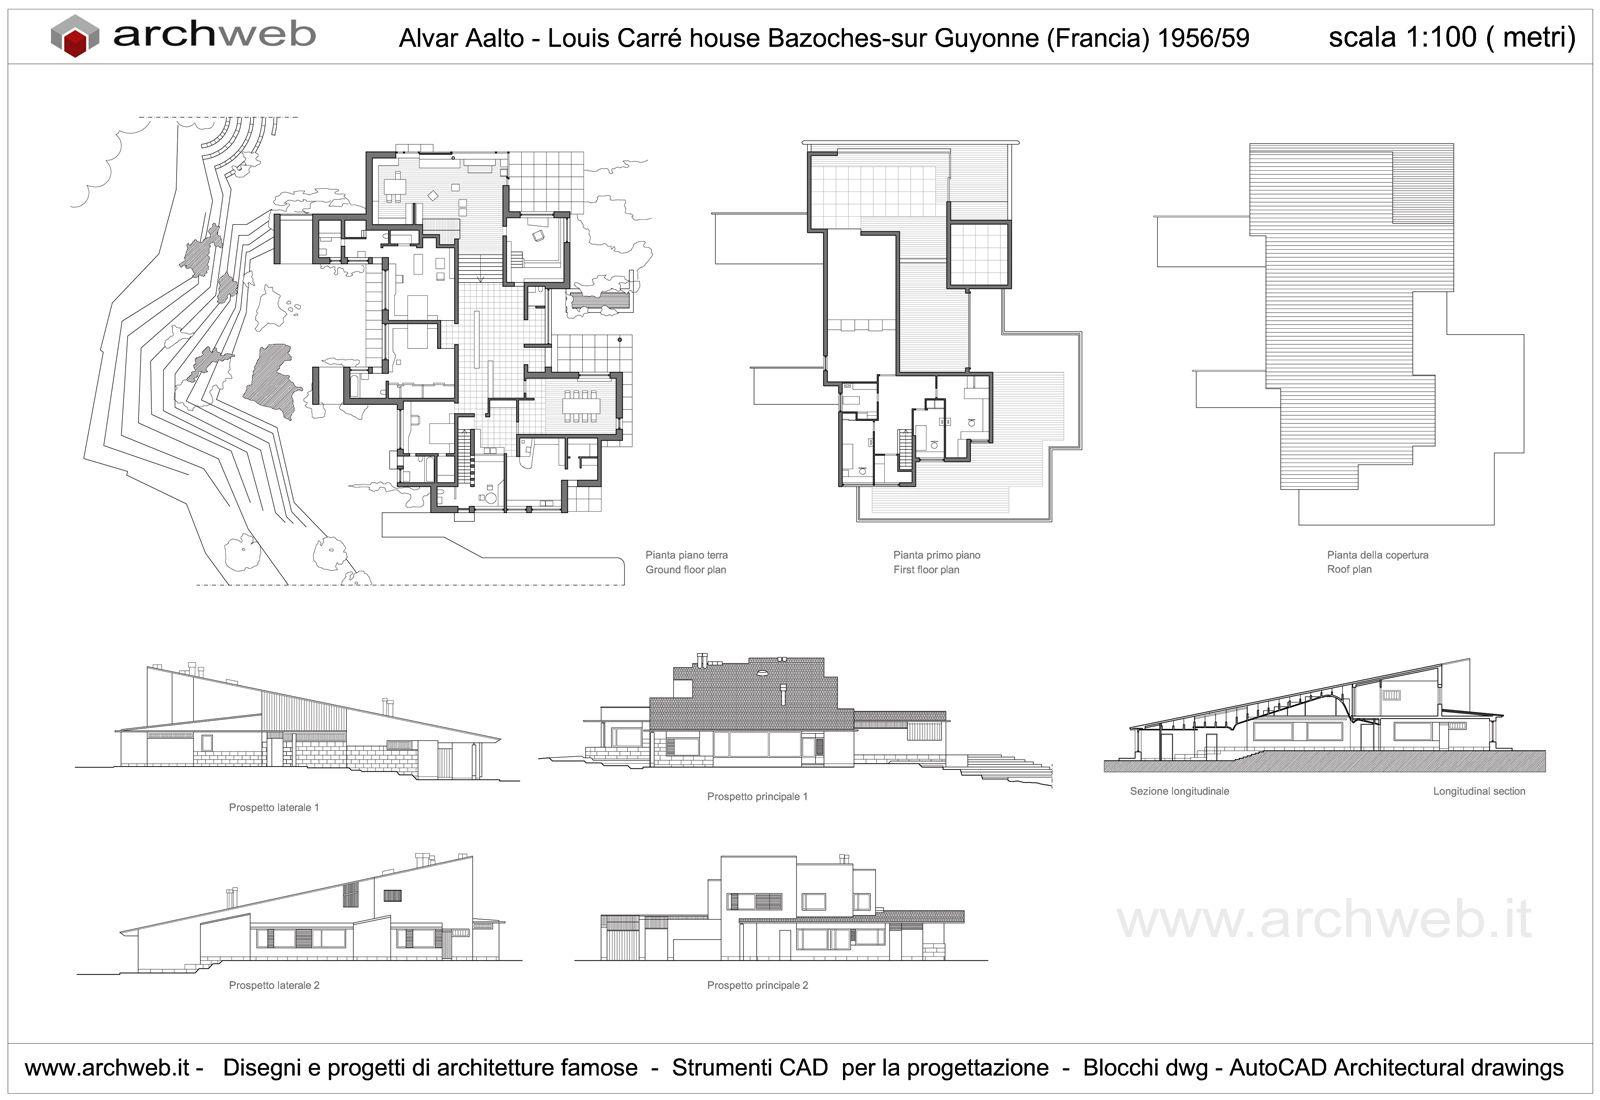 Great 2D : Maison Louis Carré, Bazoches Sur Guyonne France (1956 1959  Construction) | Alvar Aalto | хлам | Pinterest | Alvar Aalto And  Architecture